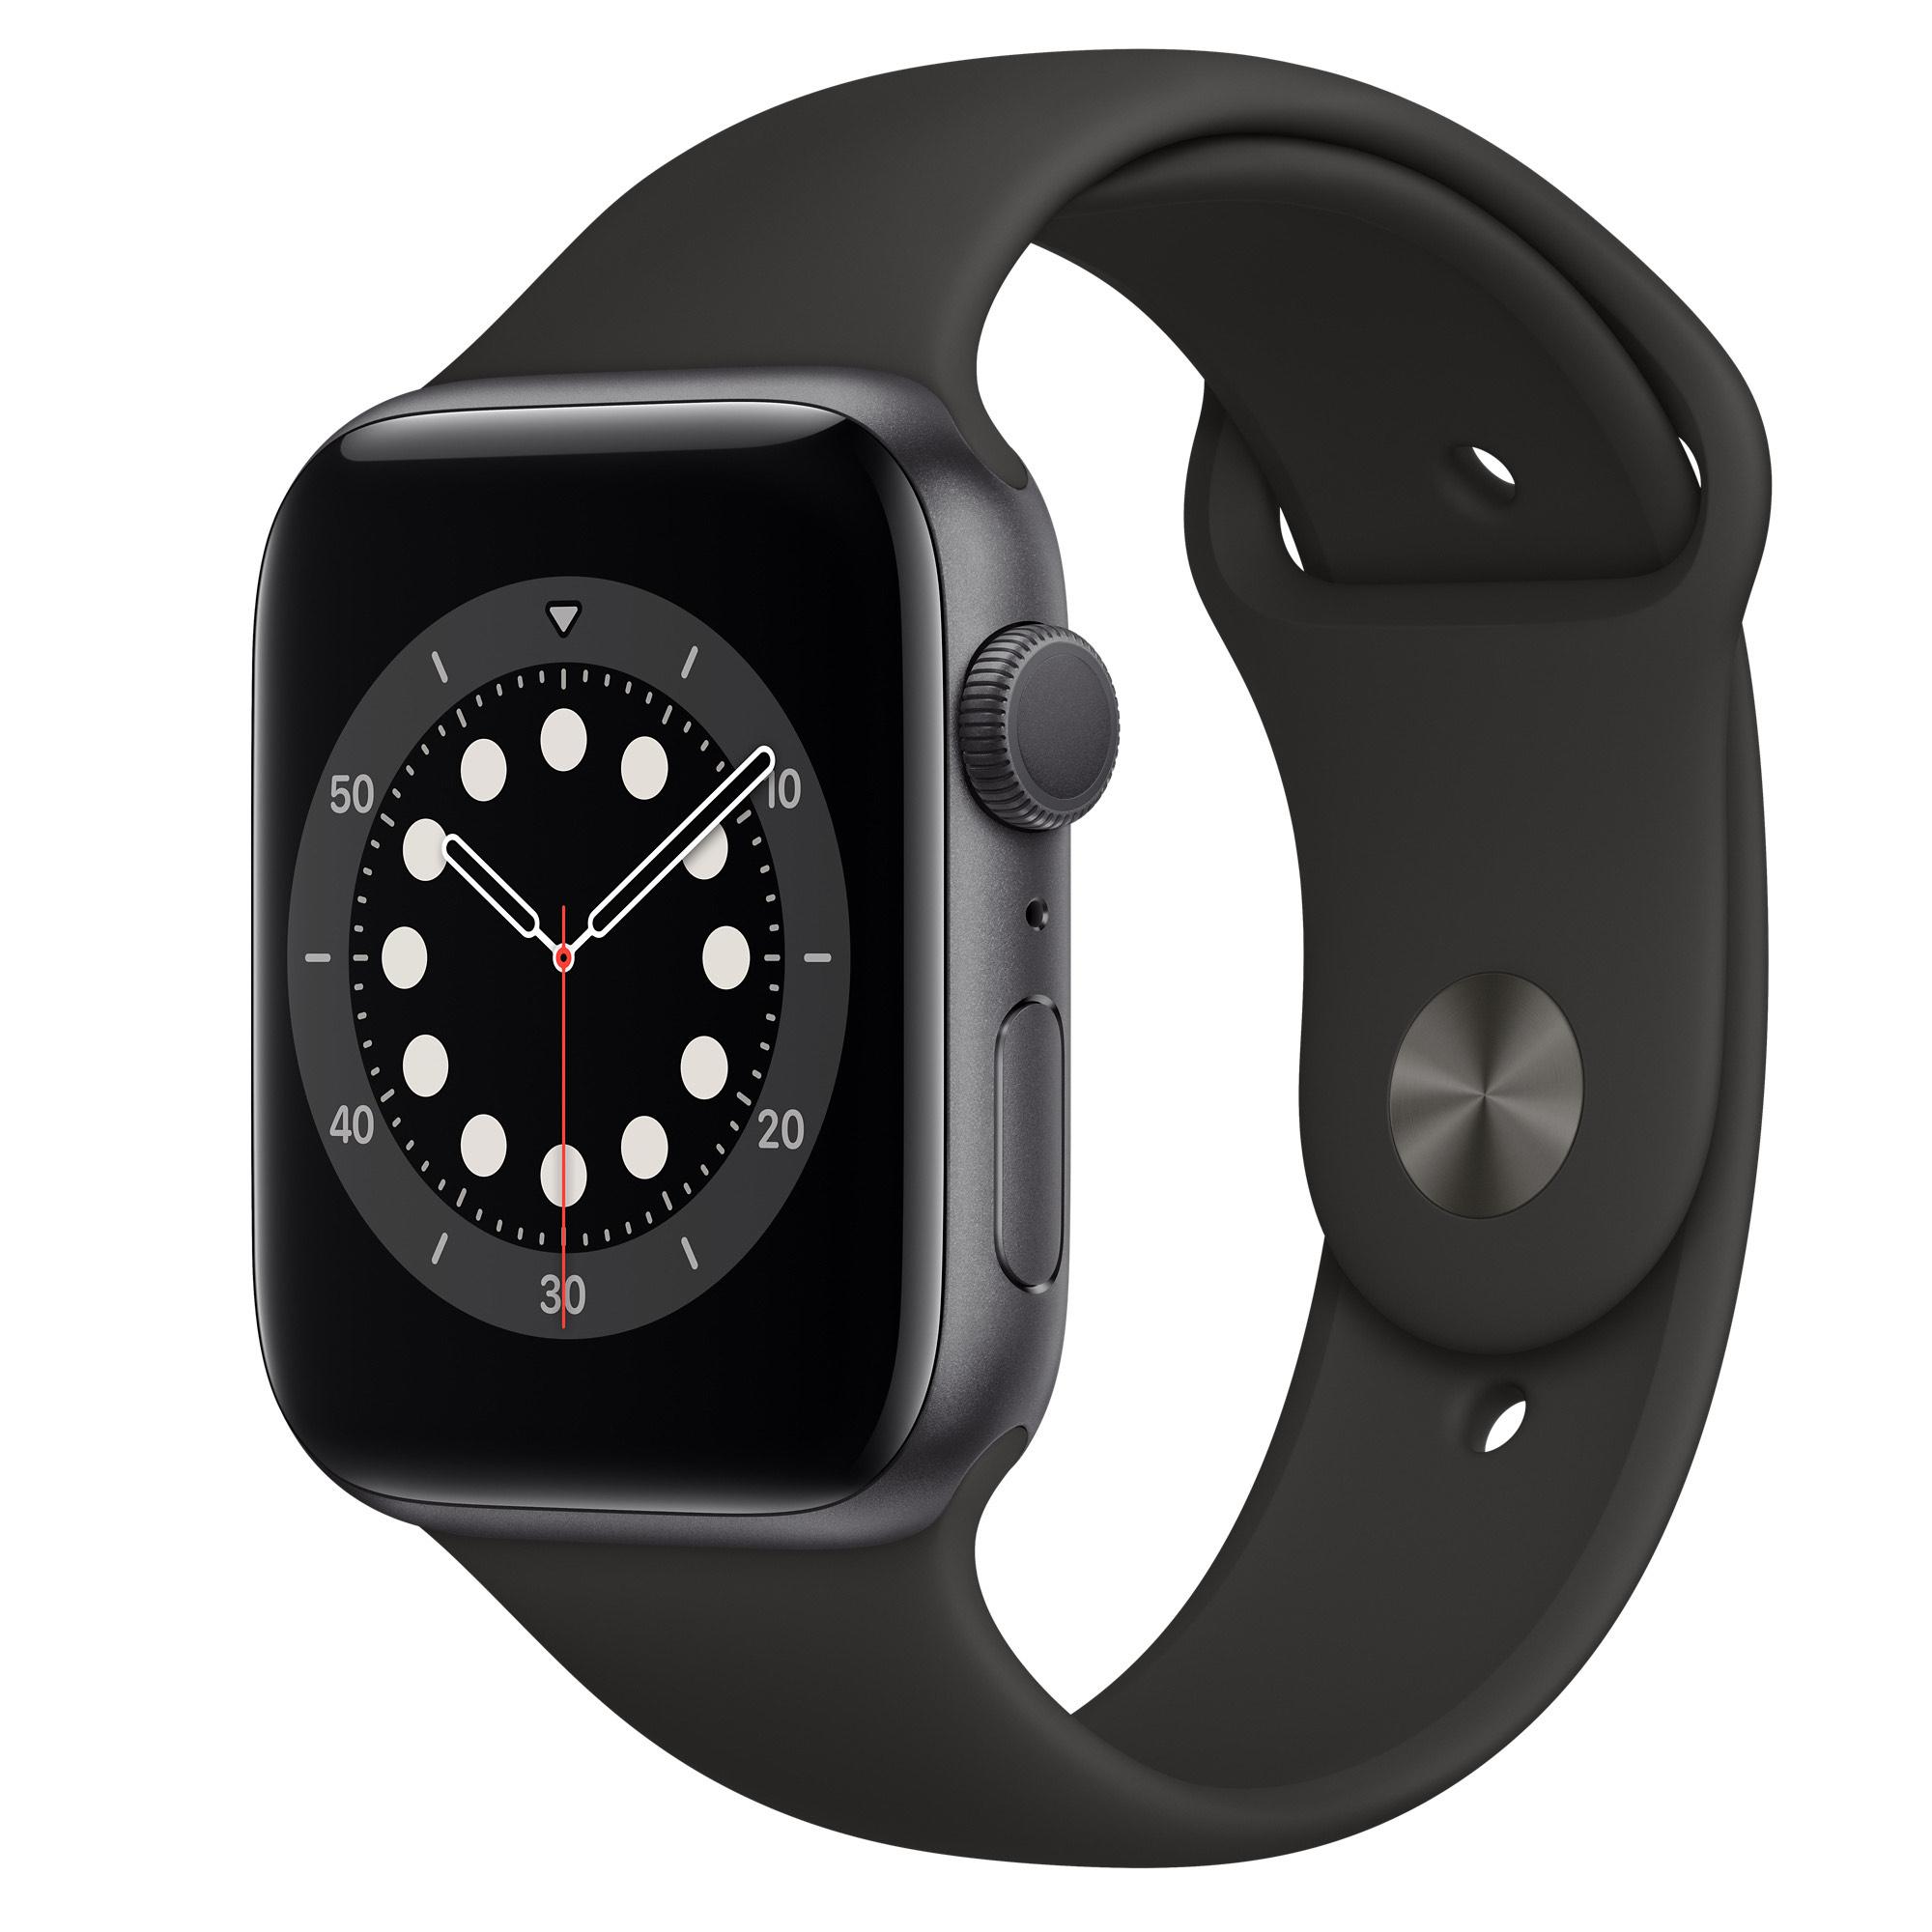 Montre connectée Apple Watch Series 6 - GPS, 44 mm, Gris sidéral